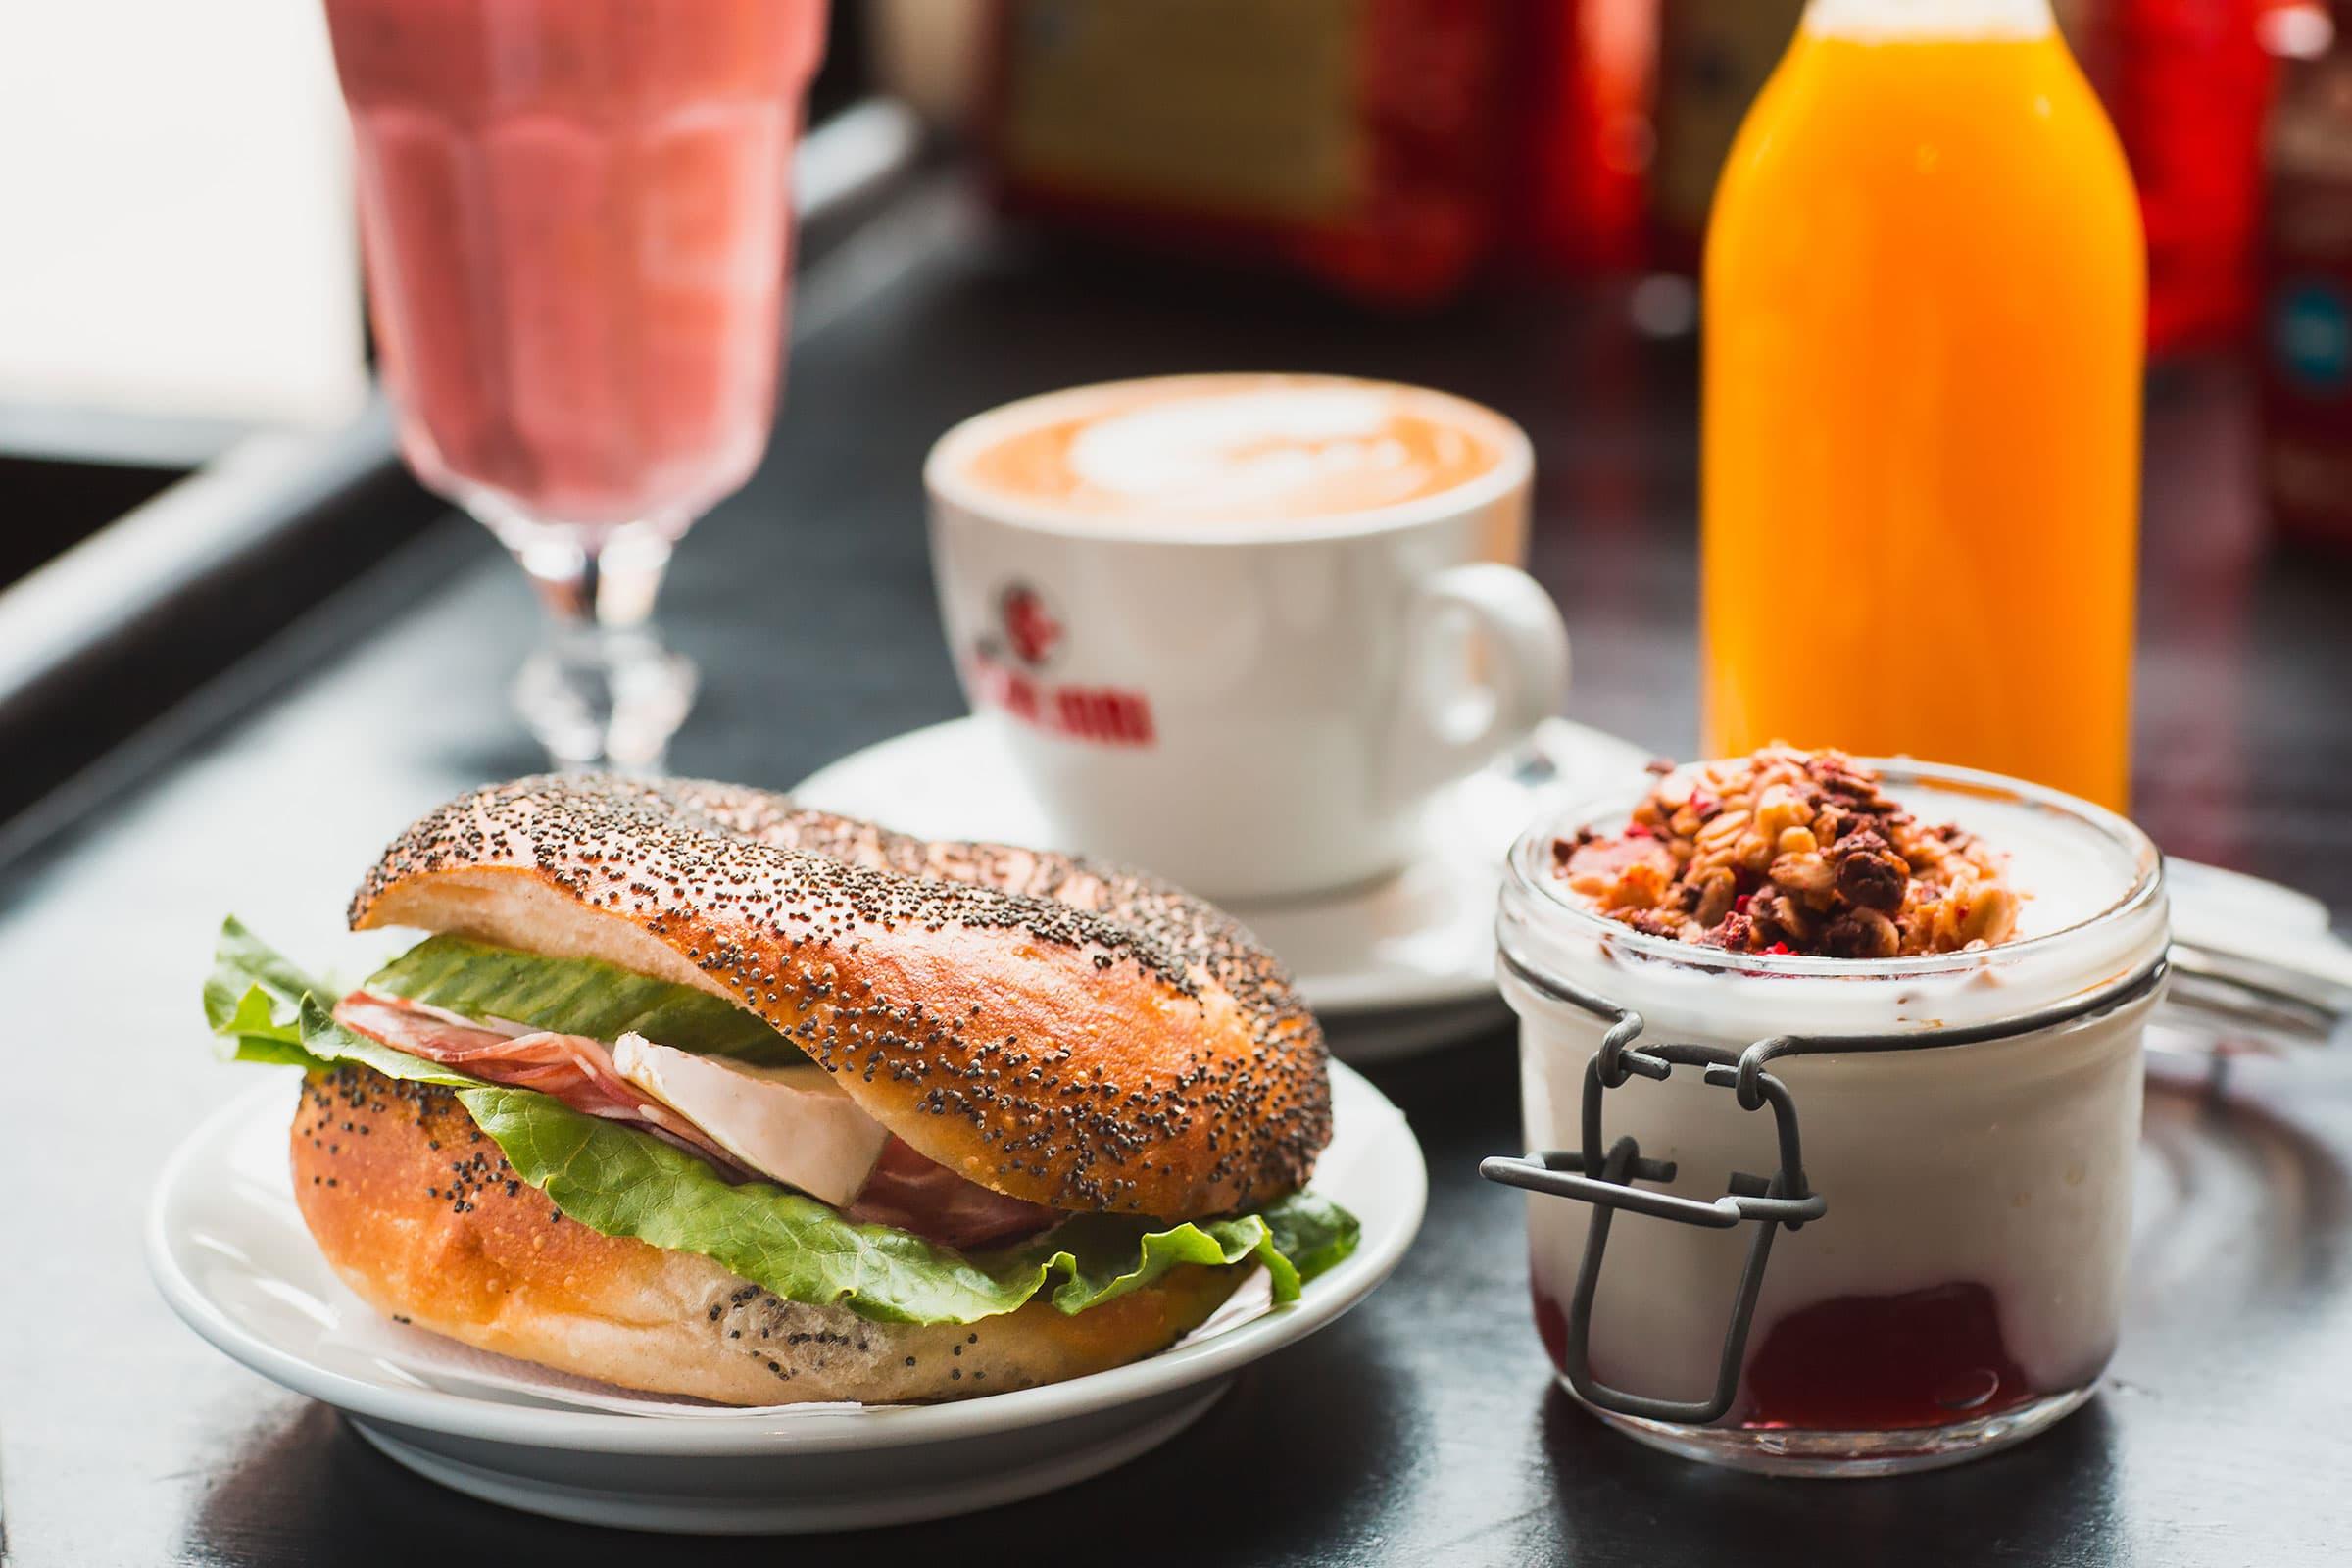 The best breakfast in Vasastan